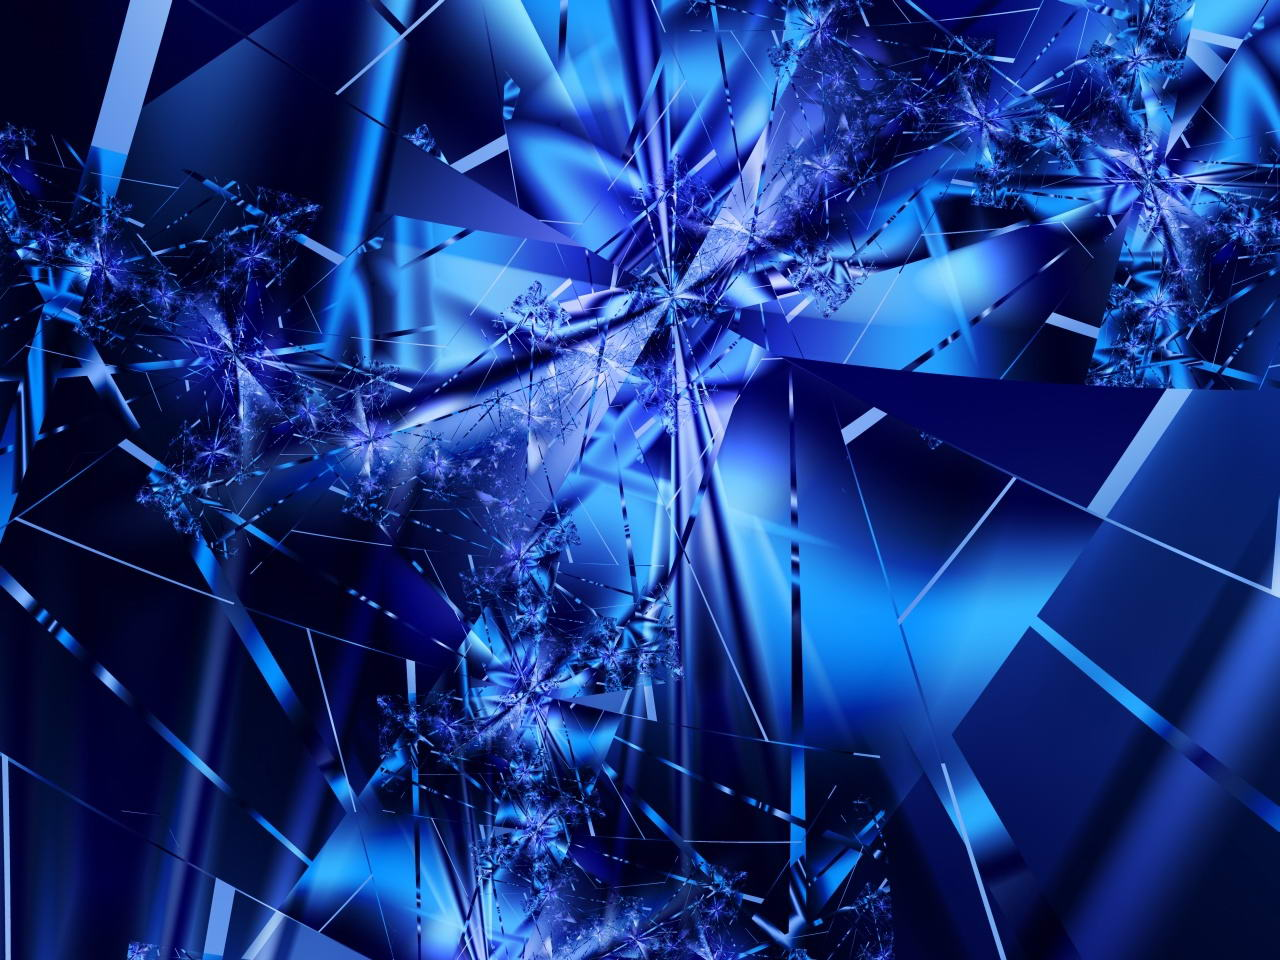 صور خلفية زرقاء , احدث و اجمل الخلفيات الكروما الزرقاء